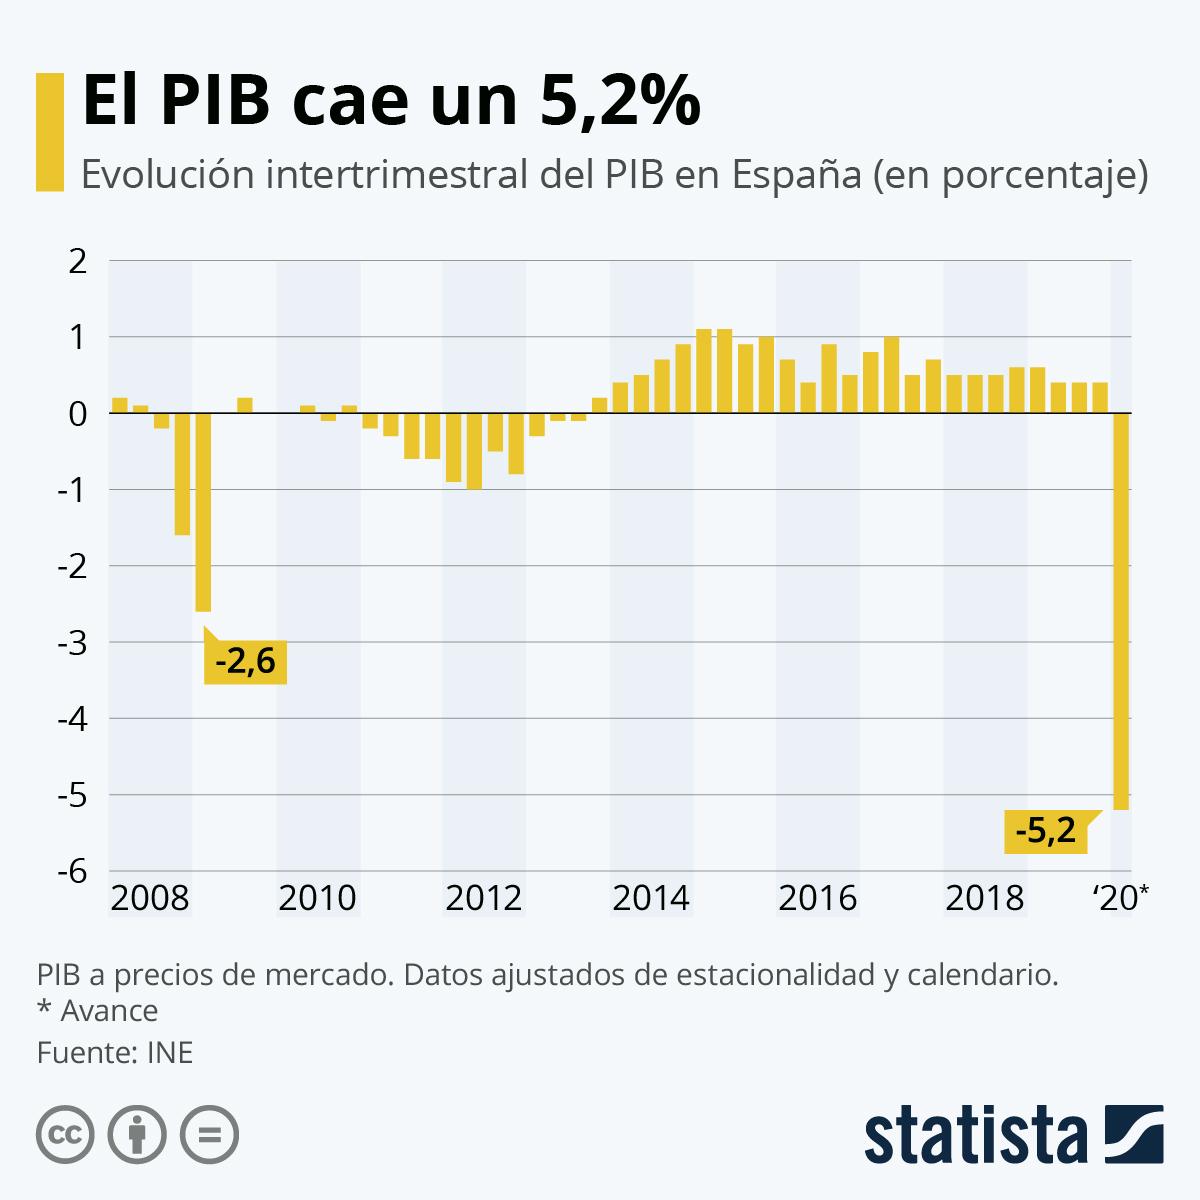 Infografía: PIB cae un 5,2% respecto al último trimestre | Statista